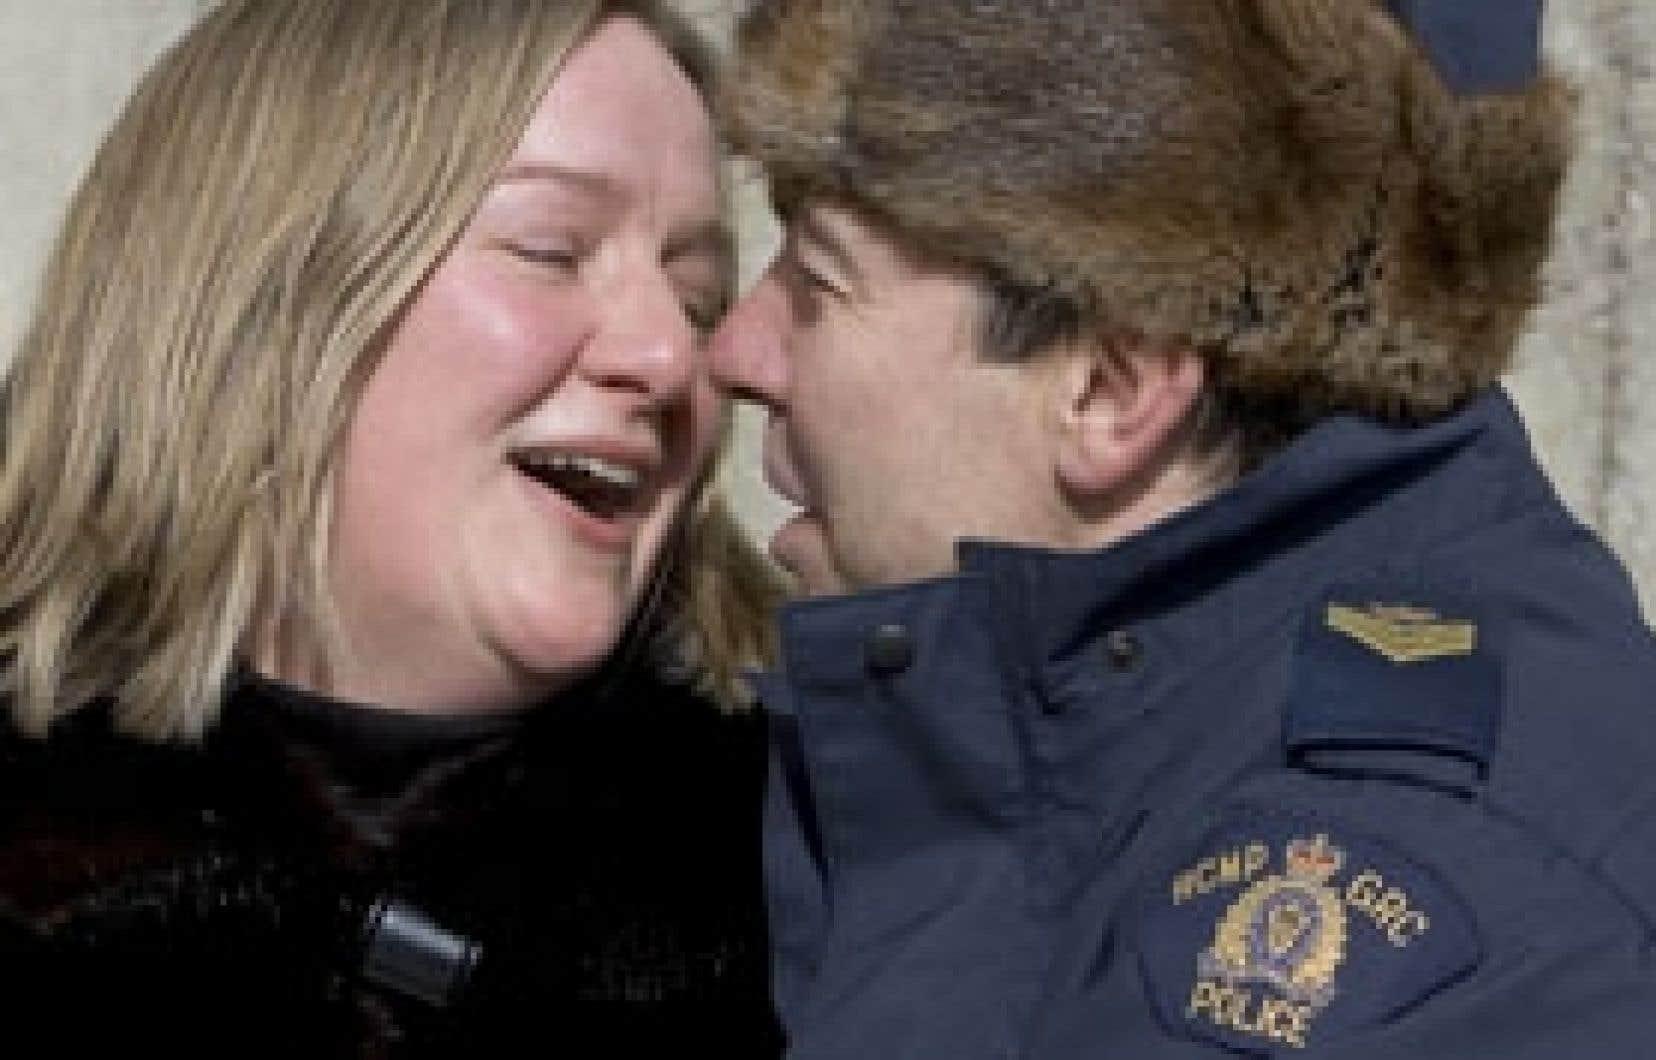 Contrairement à ce qu'on pourrait penser, les policiers québécois semblent heureux en ménage, révèlent les données de Statistique Canada. À peine 6,1 % d'entre eux sont divorcés ou séparés, tandis que 73,1 % vivent avec un conjoint ou une